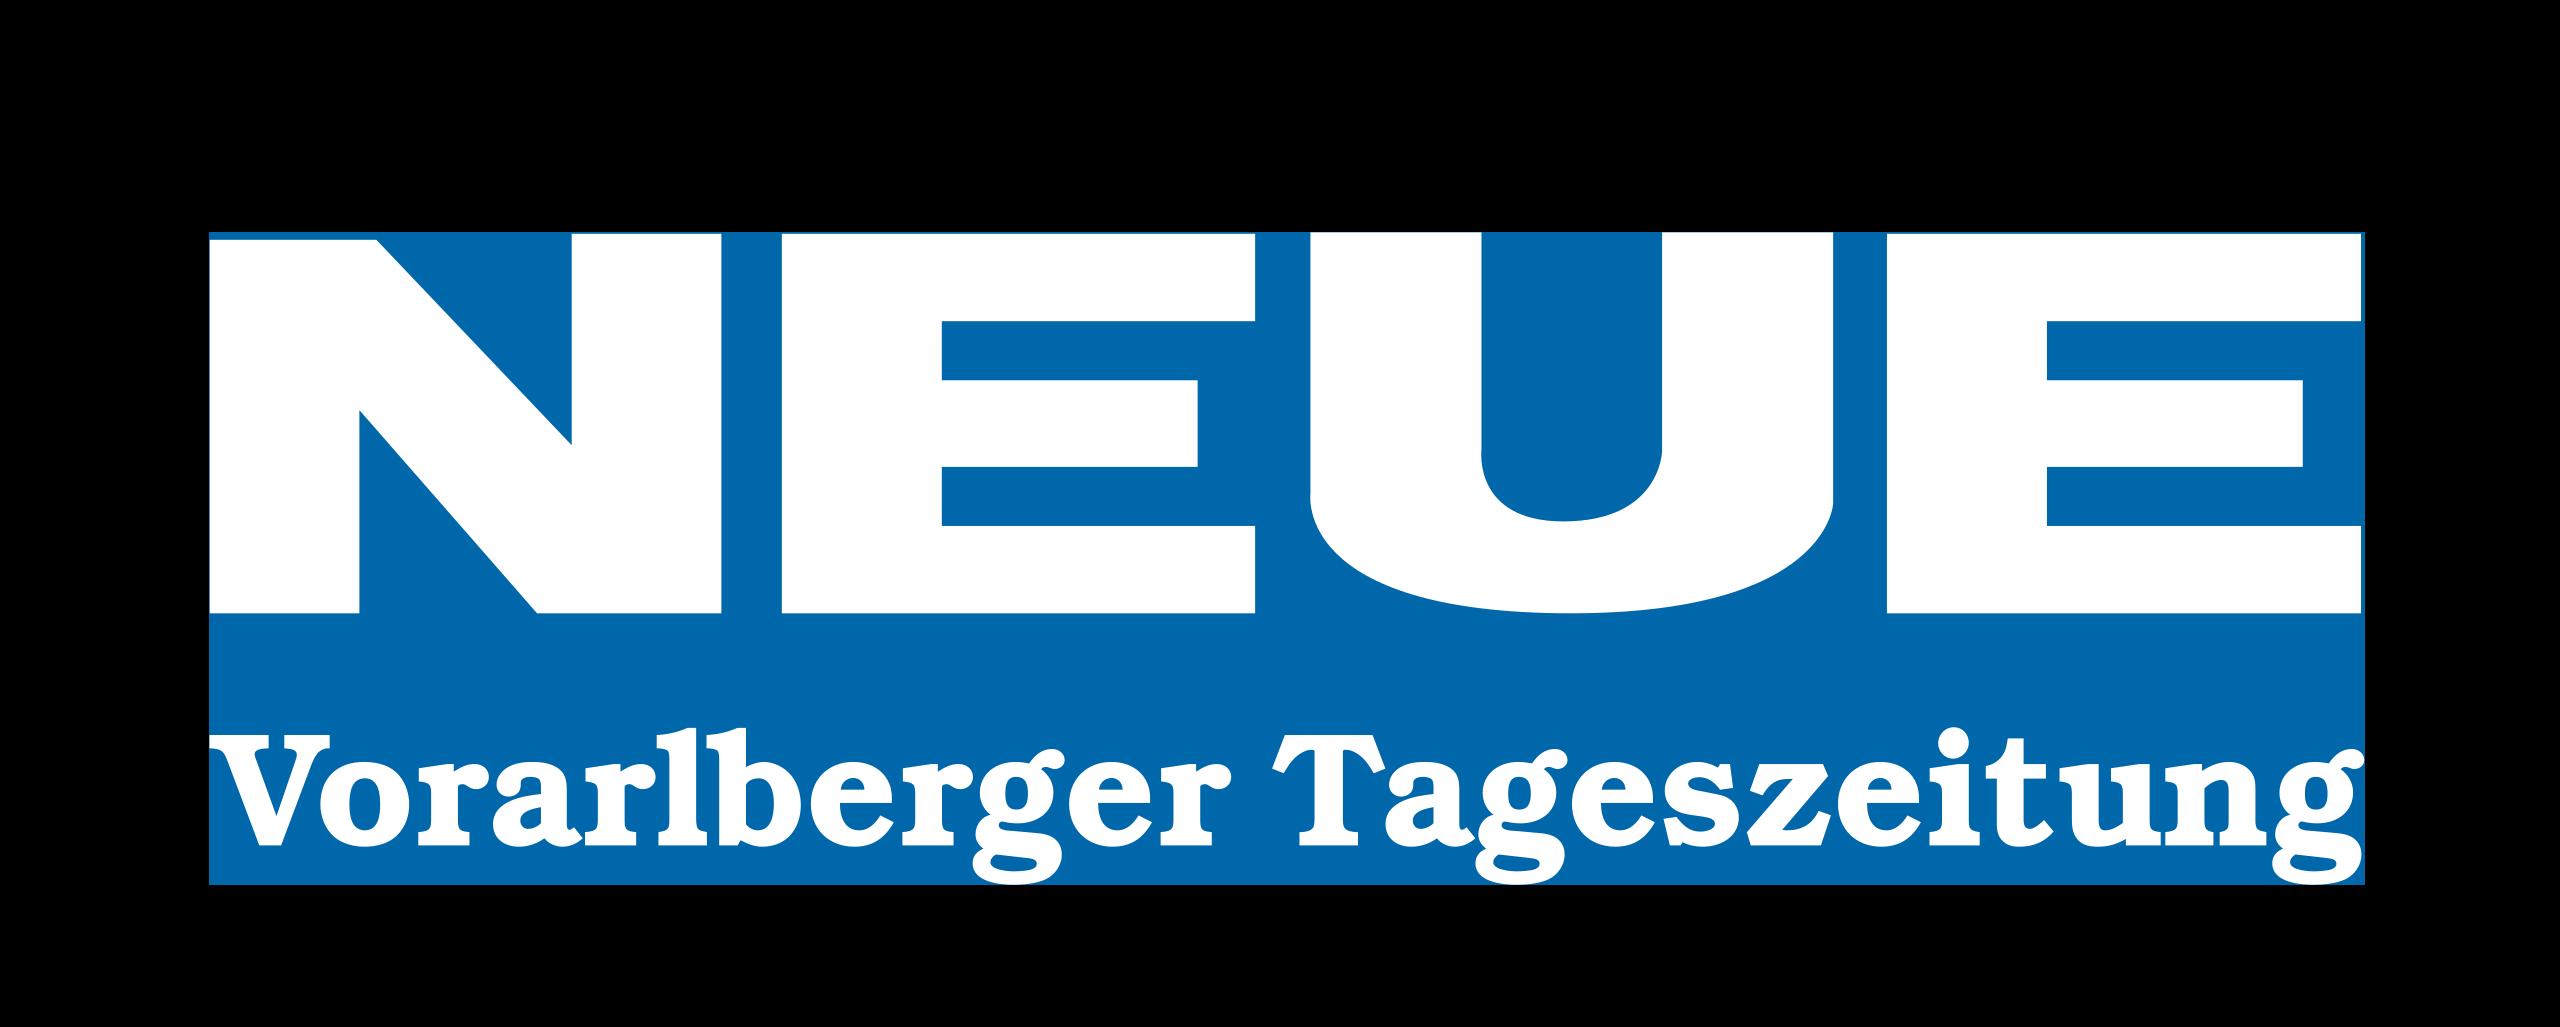 Neue Vorarlberger Tageszeitung Logo weiss